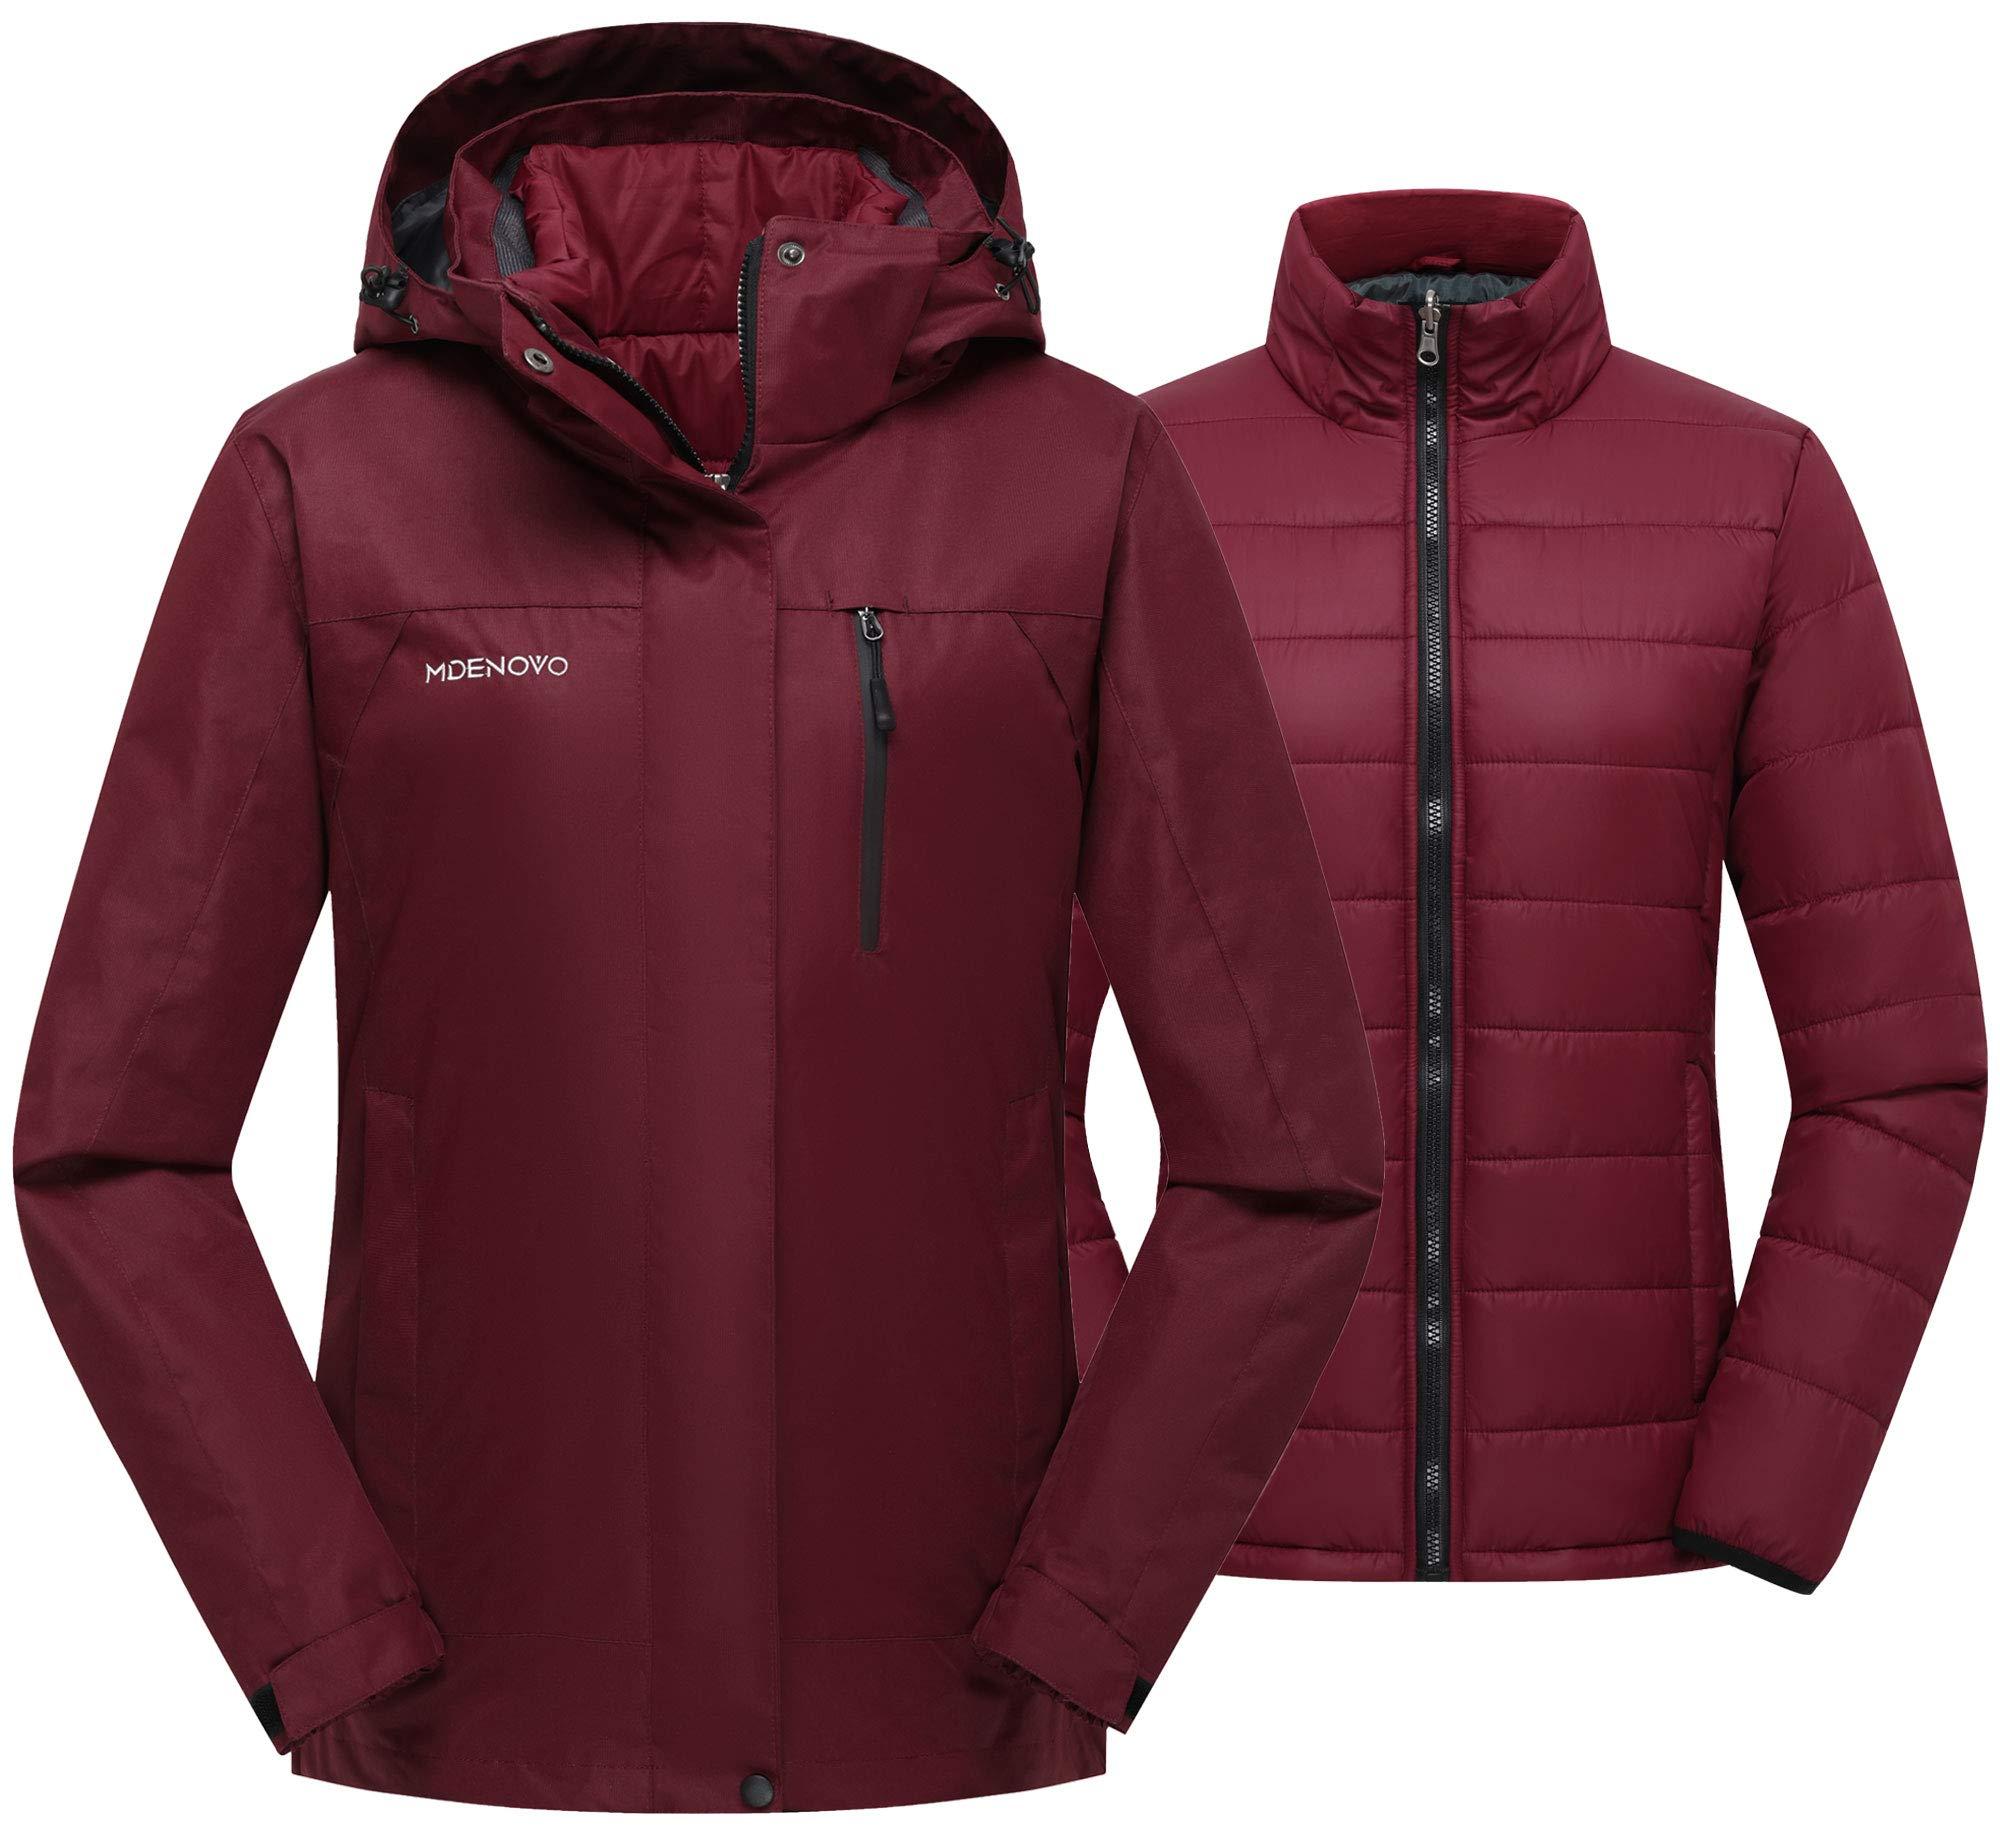 MDENOVO Women's 3 in 1 Ski Jacket Waterproof Puffer Inner Warm Winter Coat Snowboard Mountain Jacket